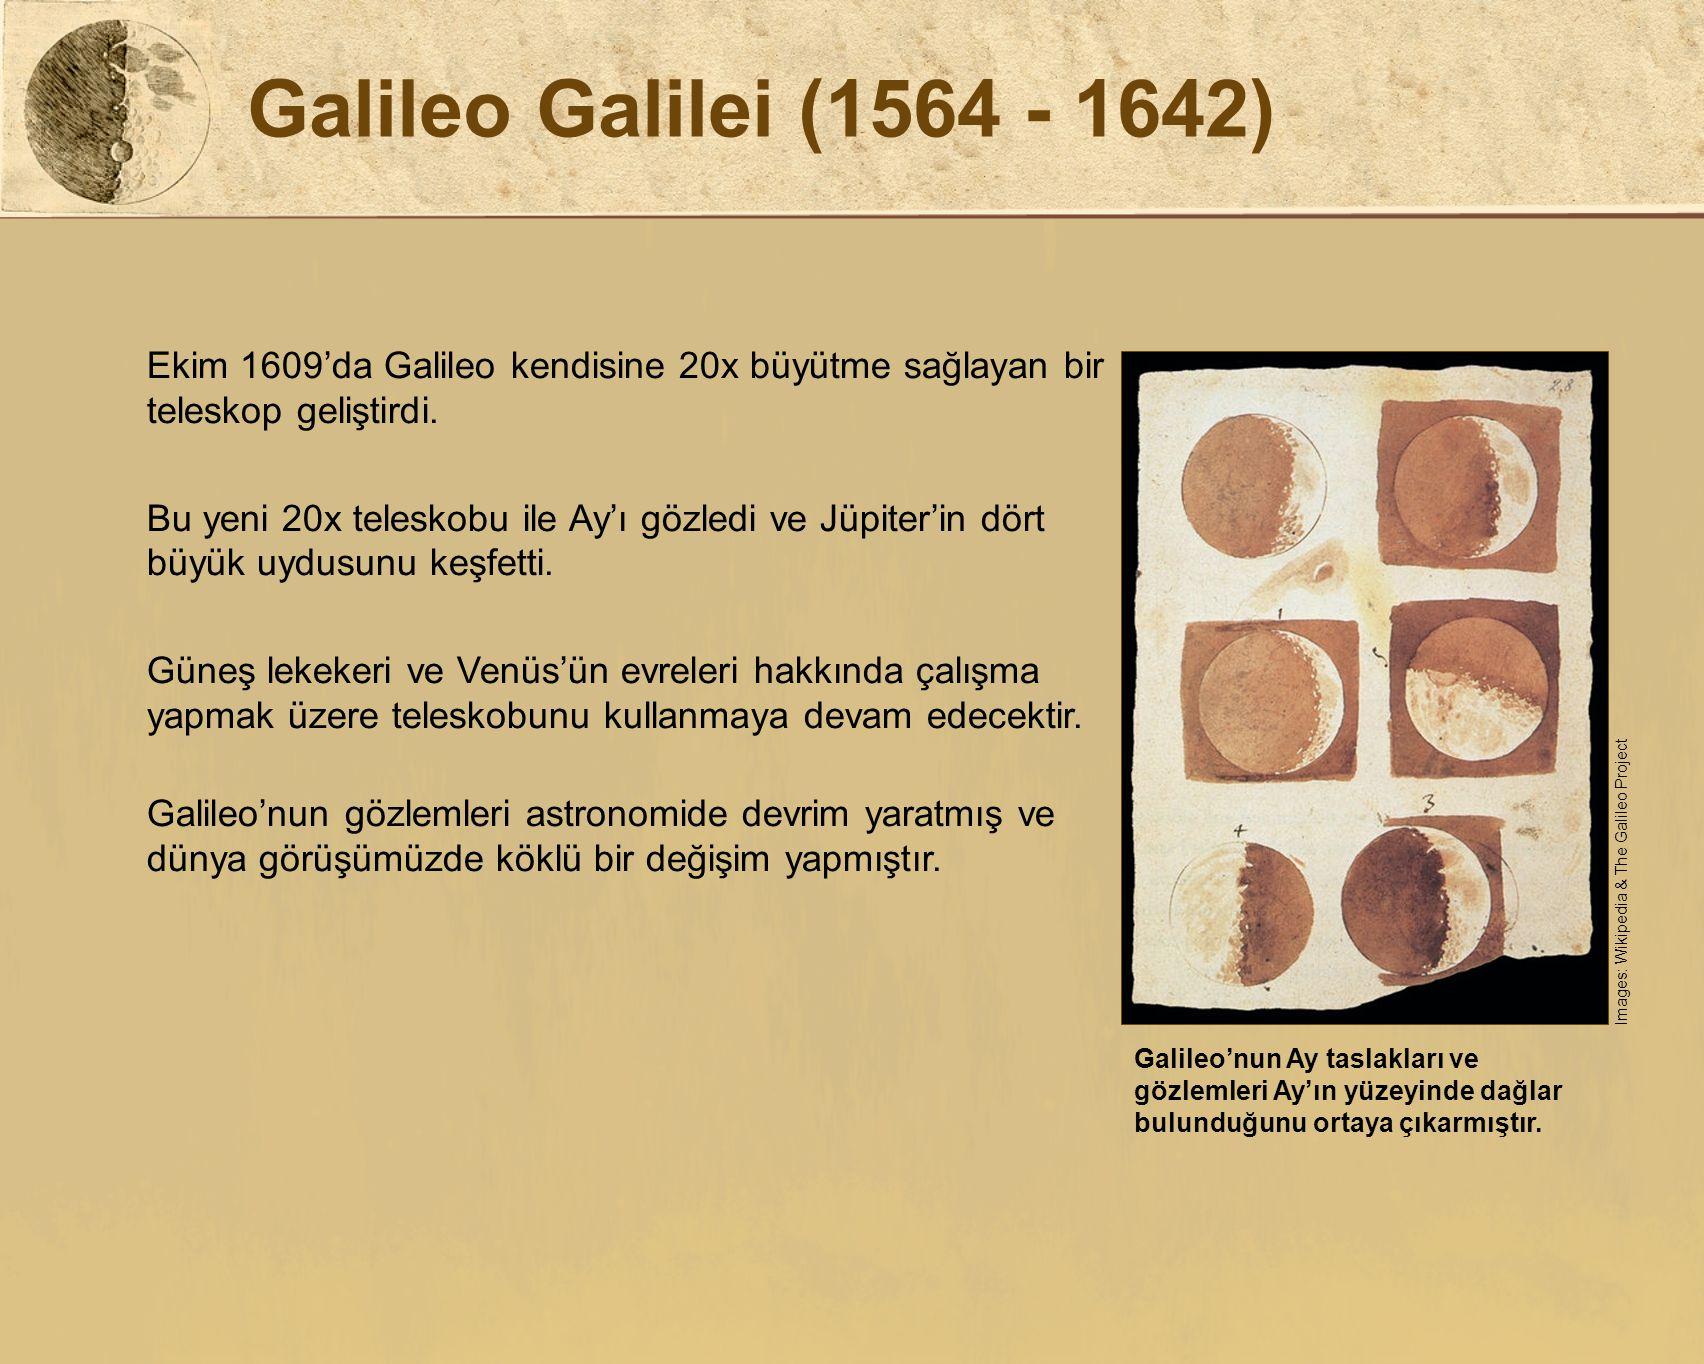 Galileo Galilei (1564 - 1642) Ekim 1609'da Galileo kendisine 20x büyütme sağlayan bir teleskop geliştirdi.